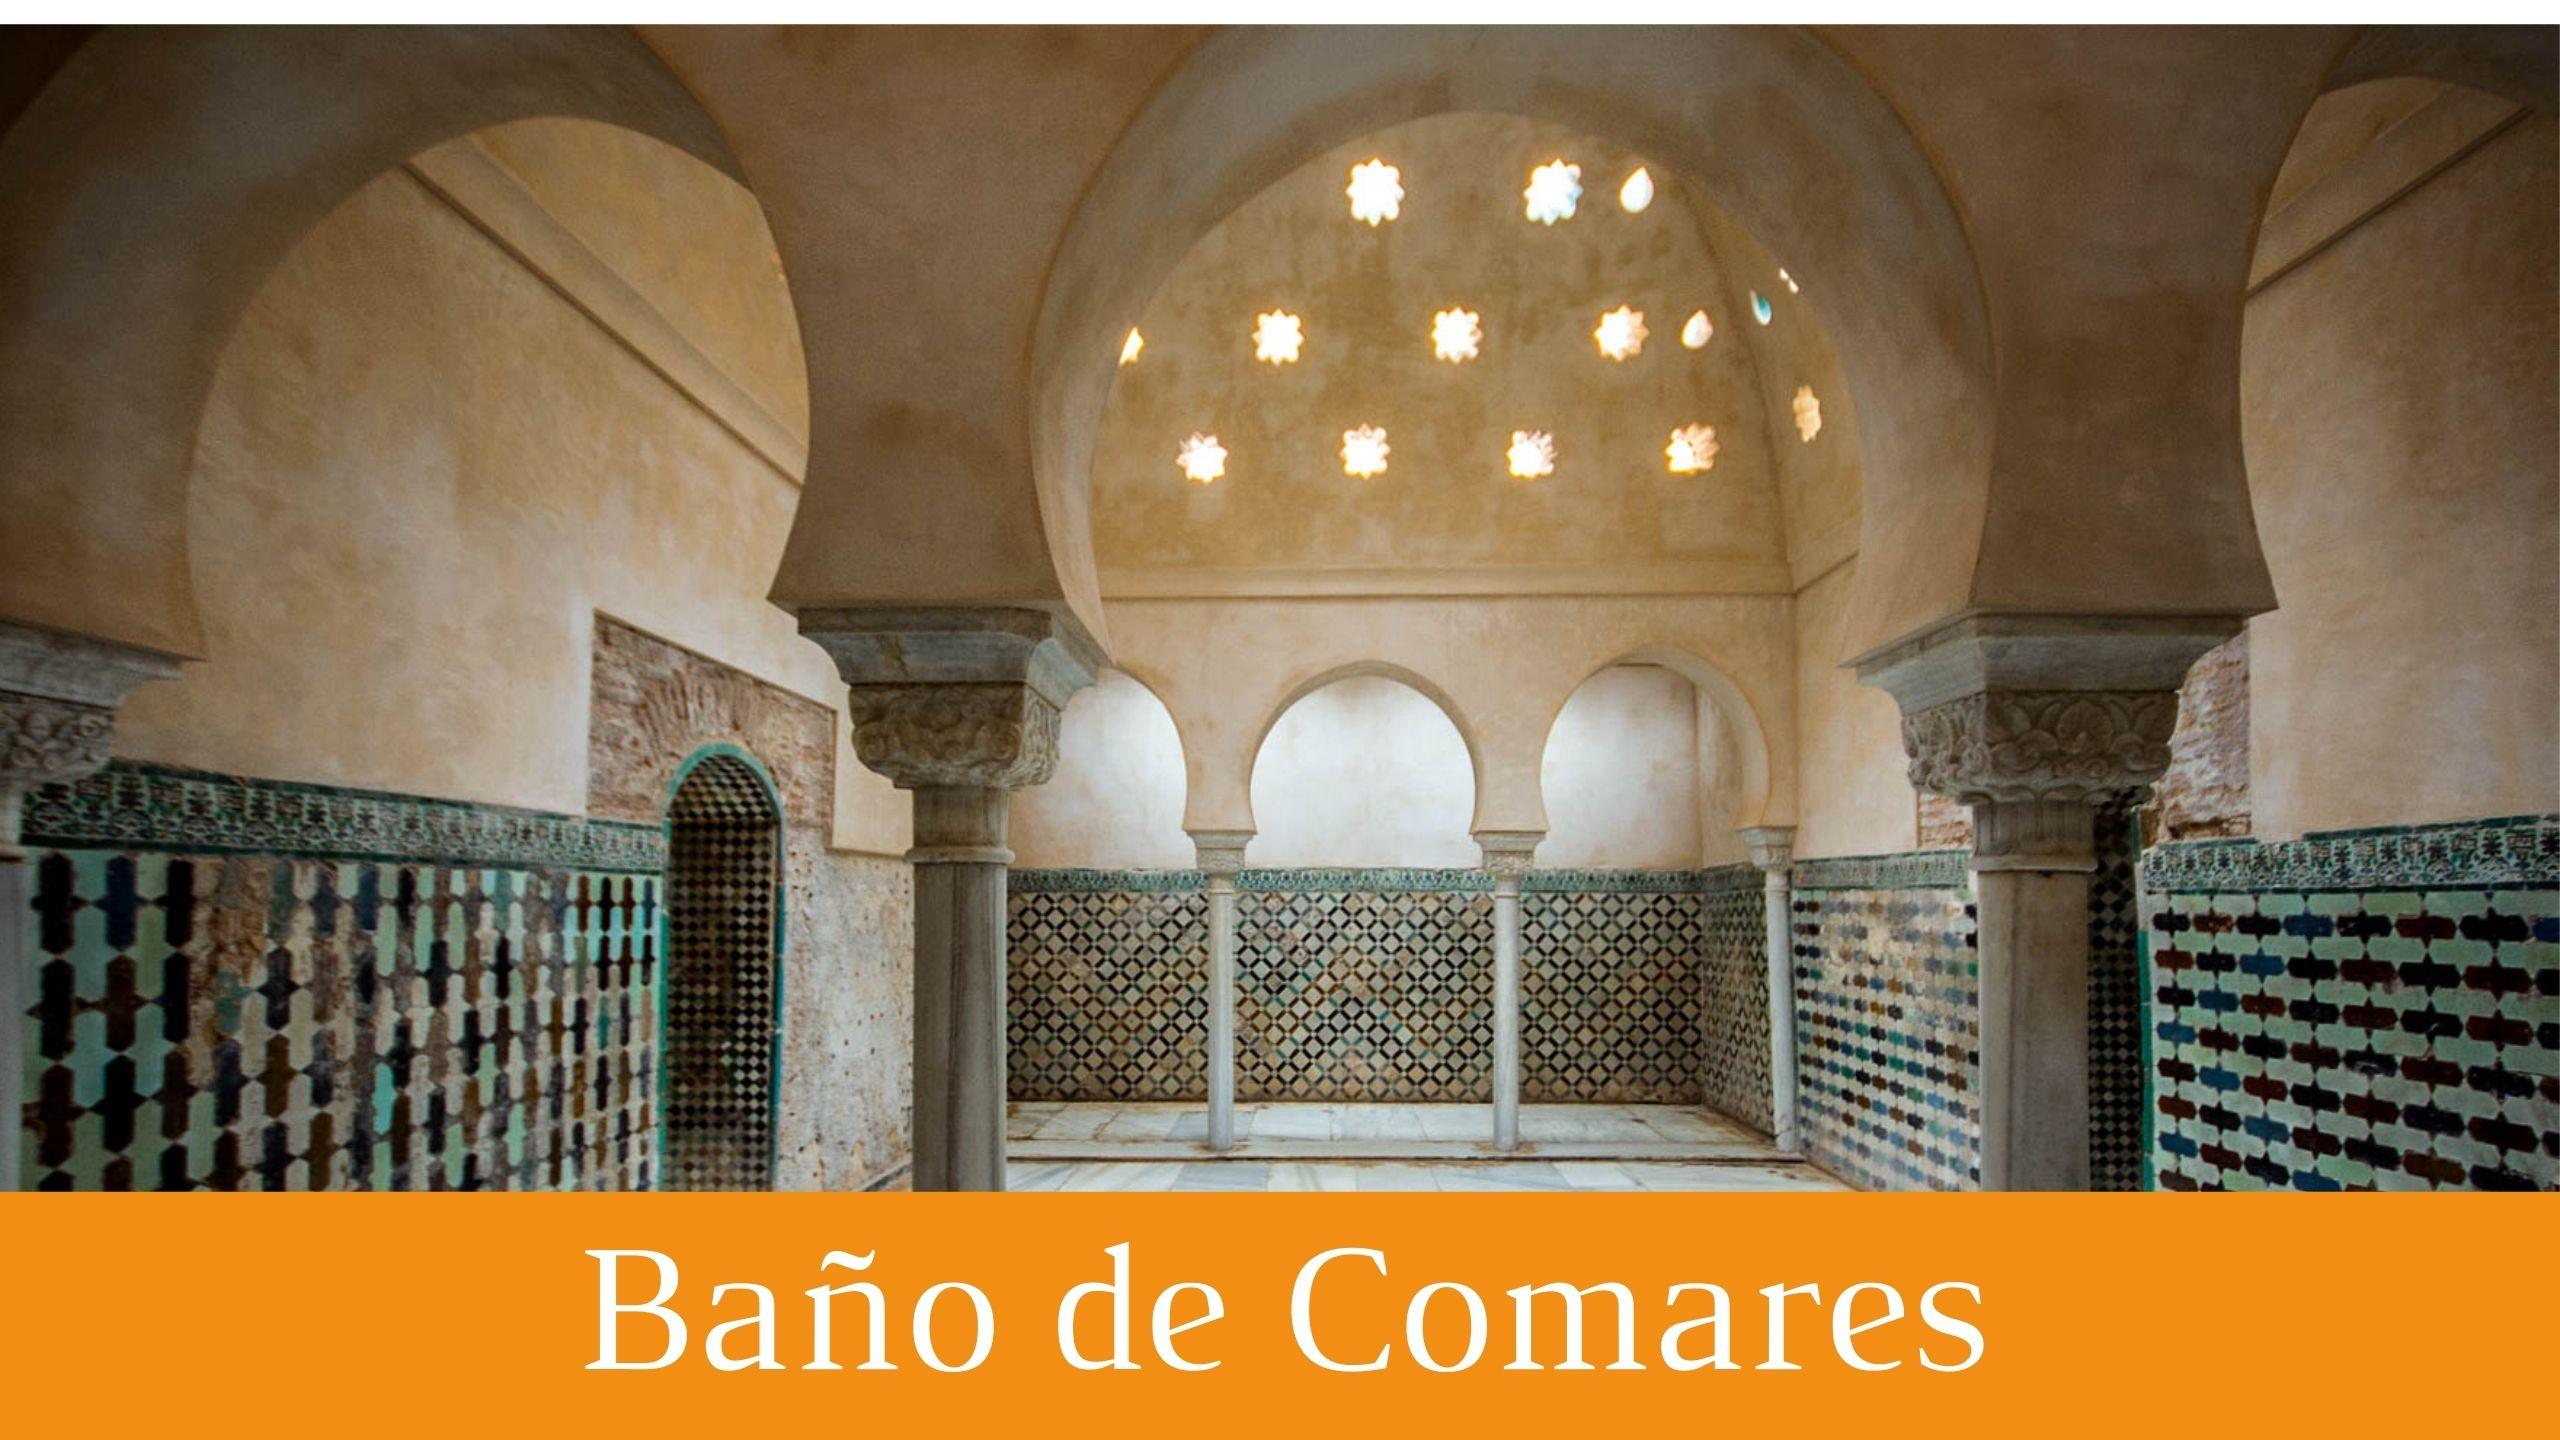 Baño de Comares